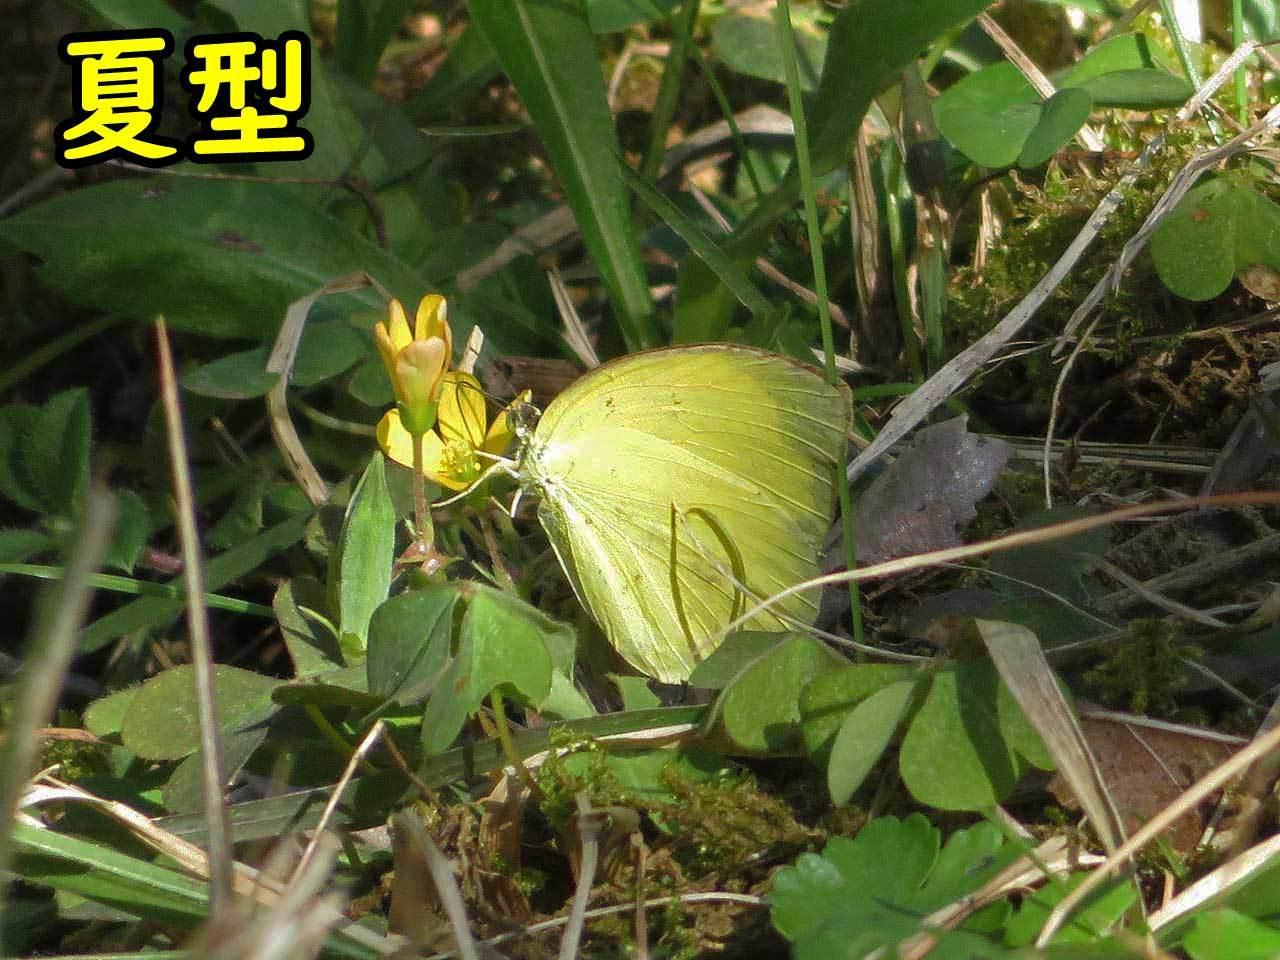 初冬にキタキチョウ夏型_e0253104_17584090.jpg